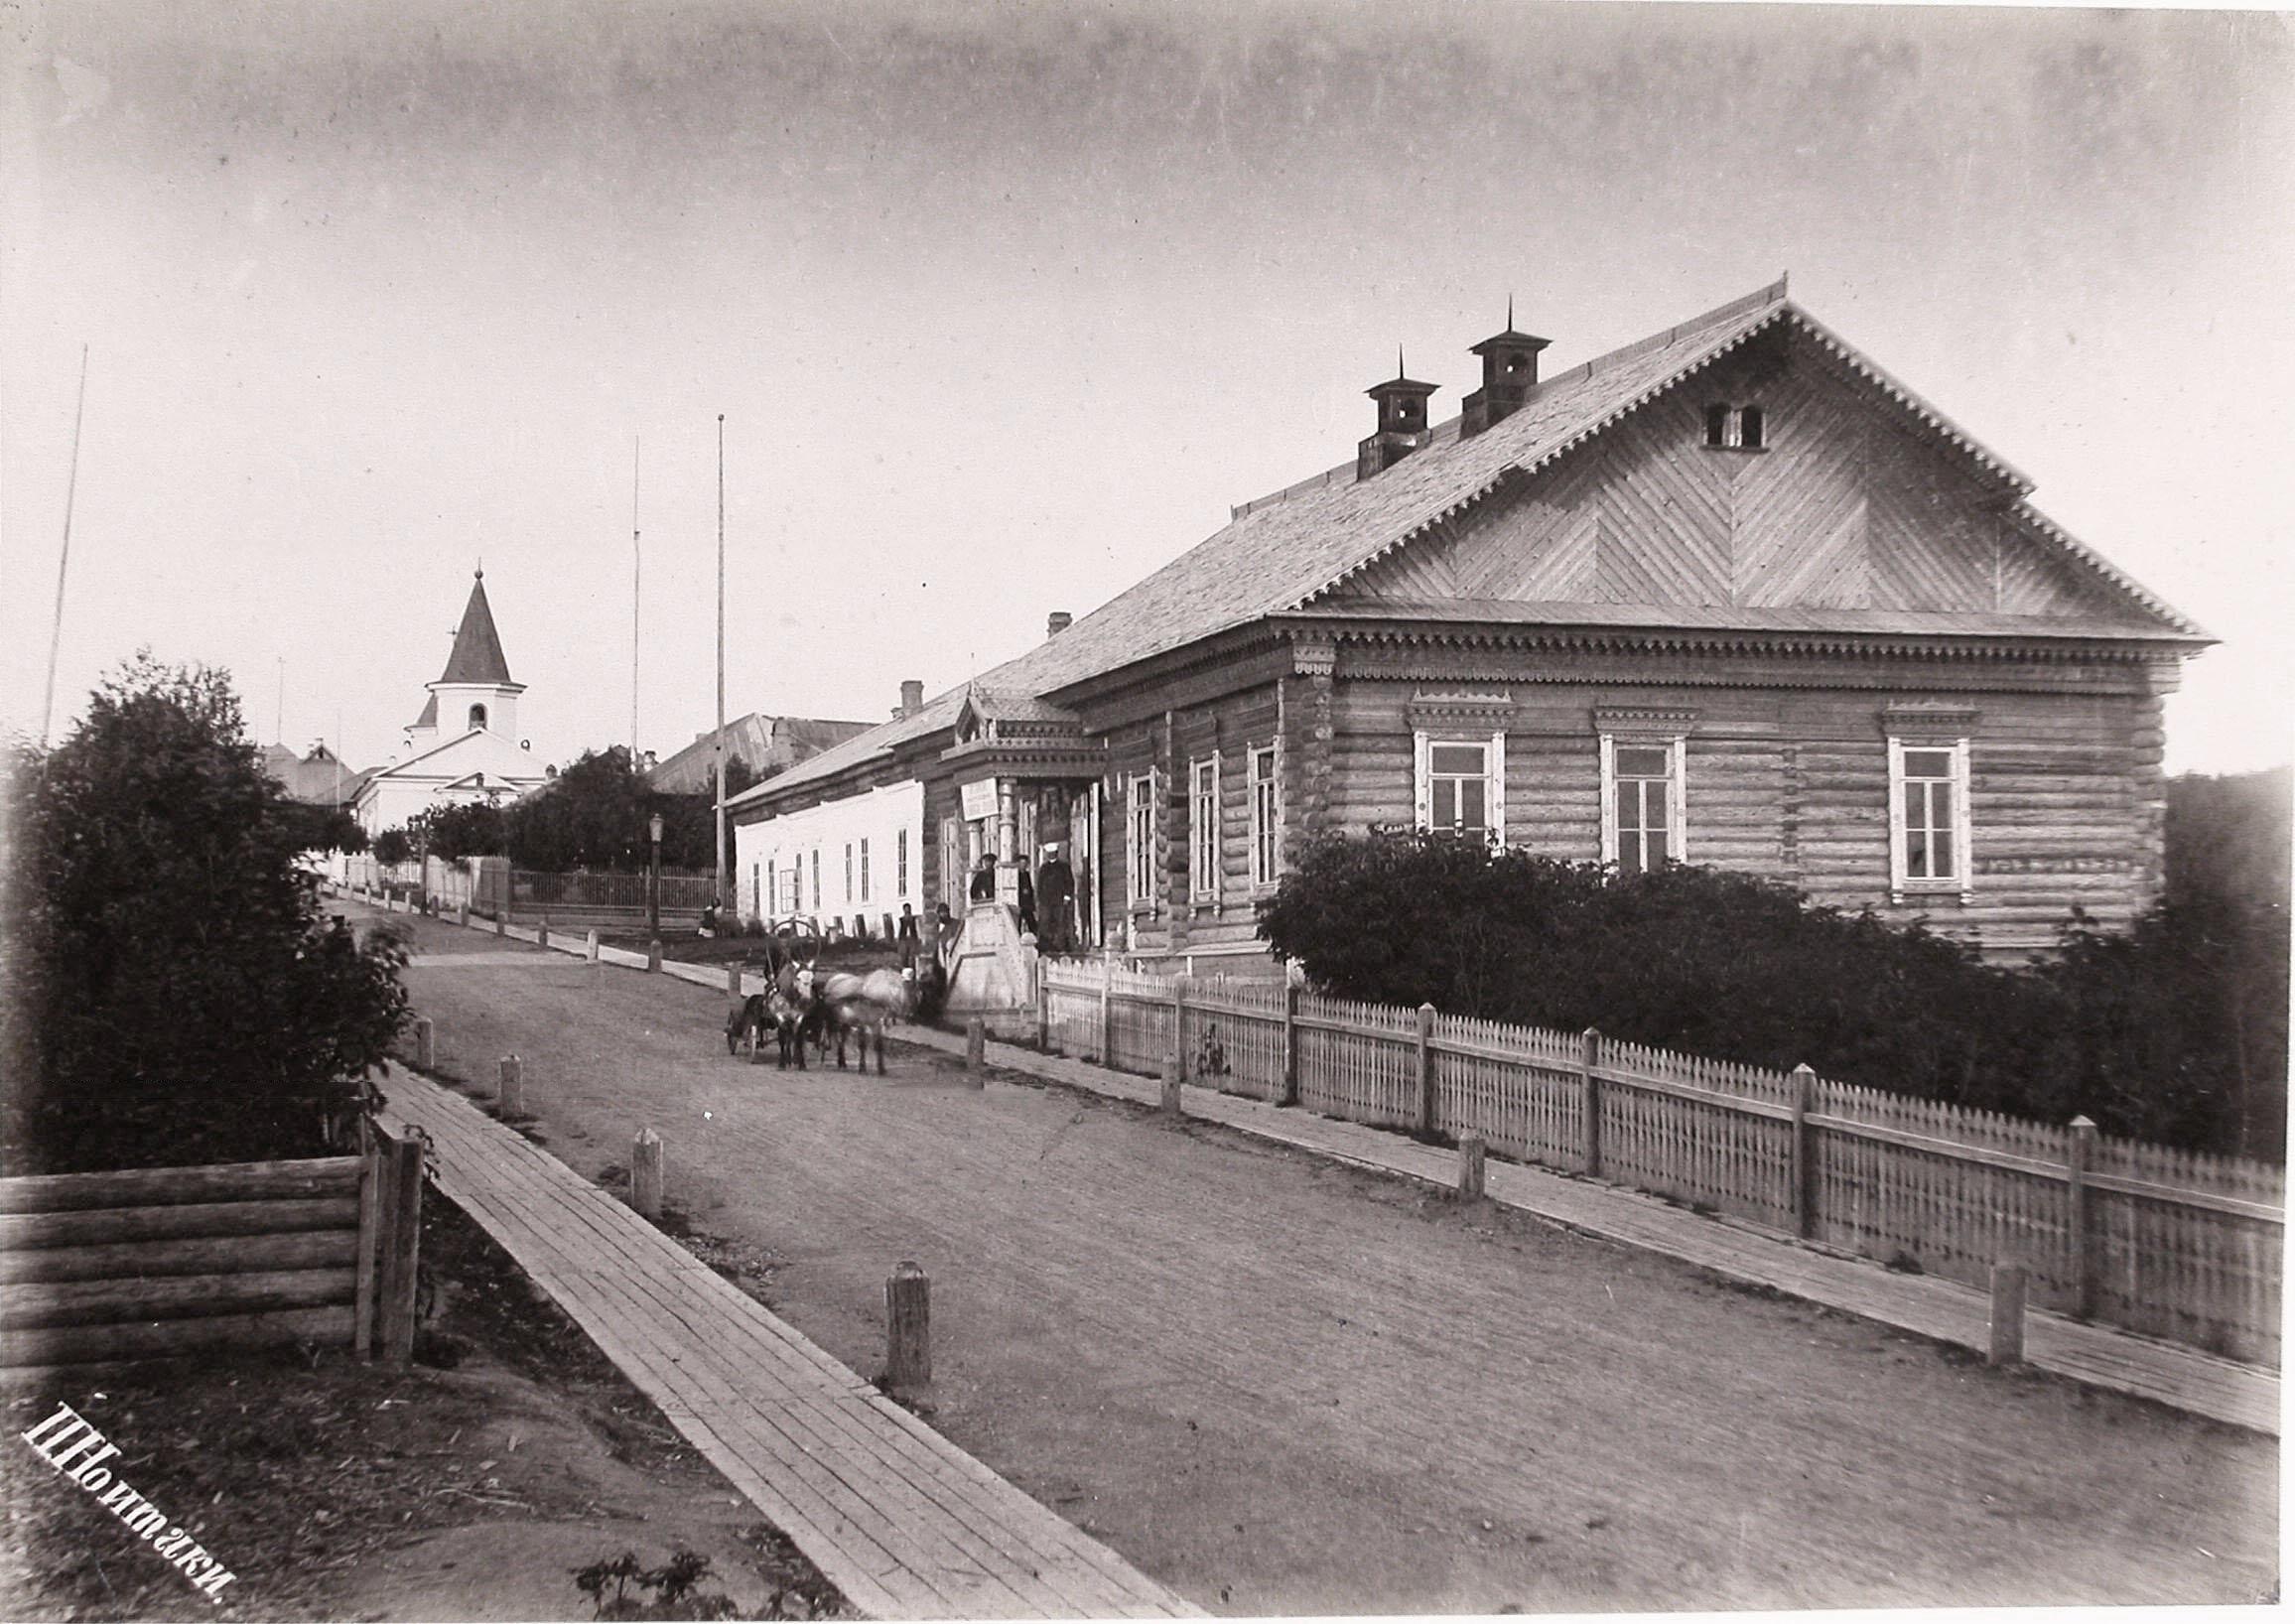 1891. Вид на здание Корсаковского Окружного Полицейского управления